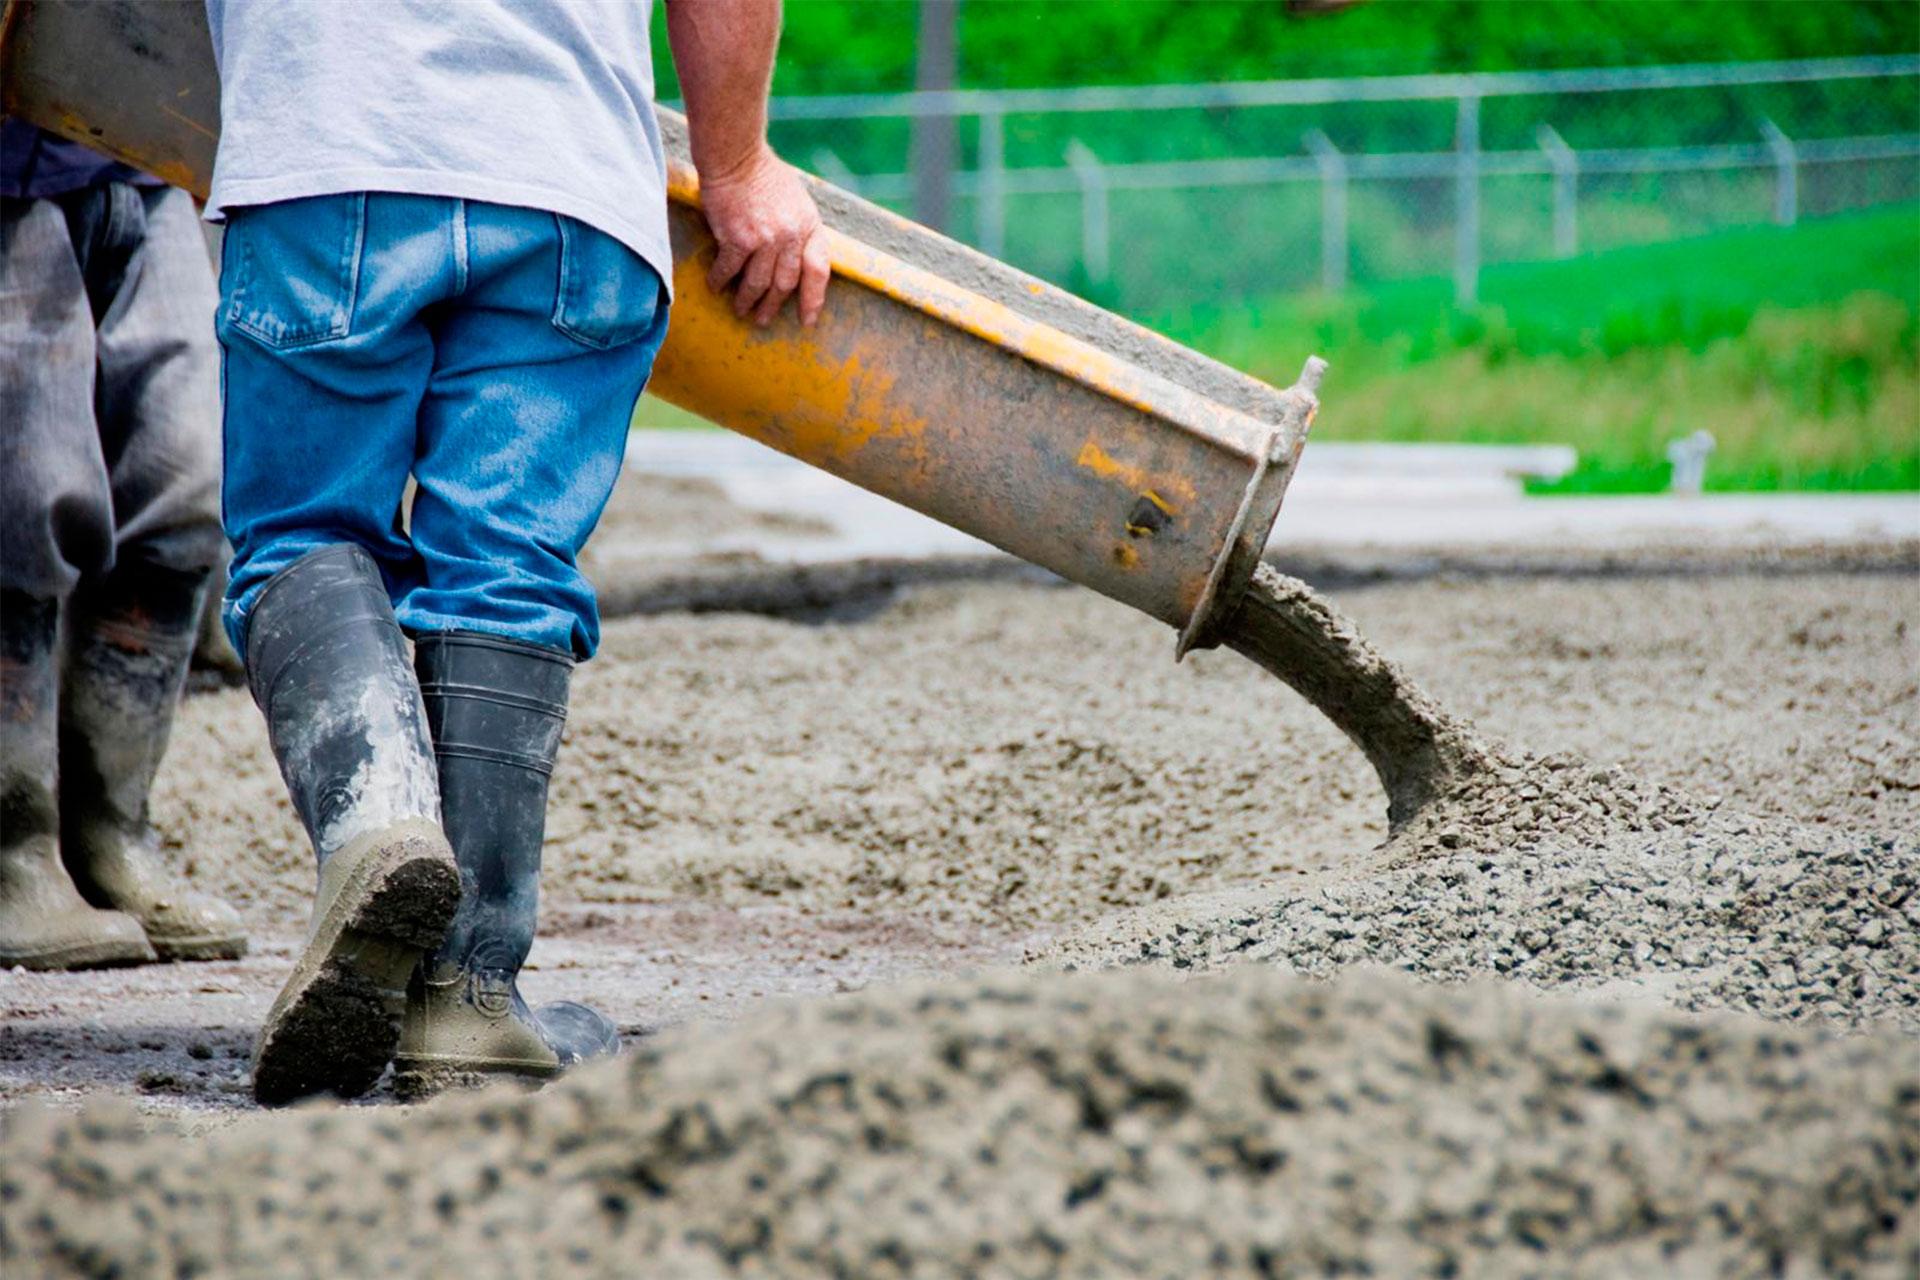 İzmir'deki Hazır Beton Şirketine 'Rekabet Kurulu' Şoku!